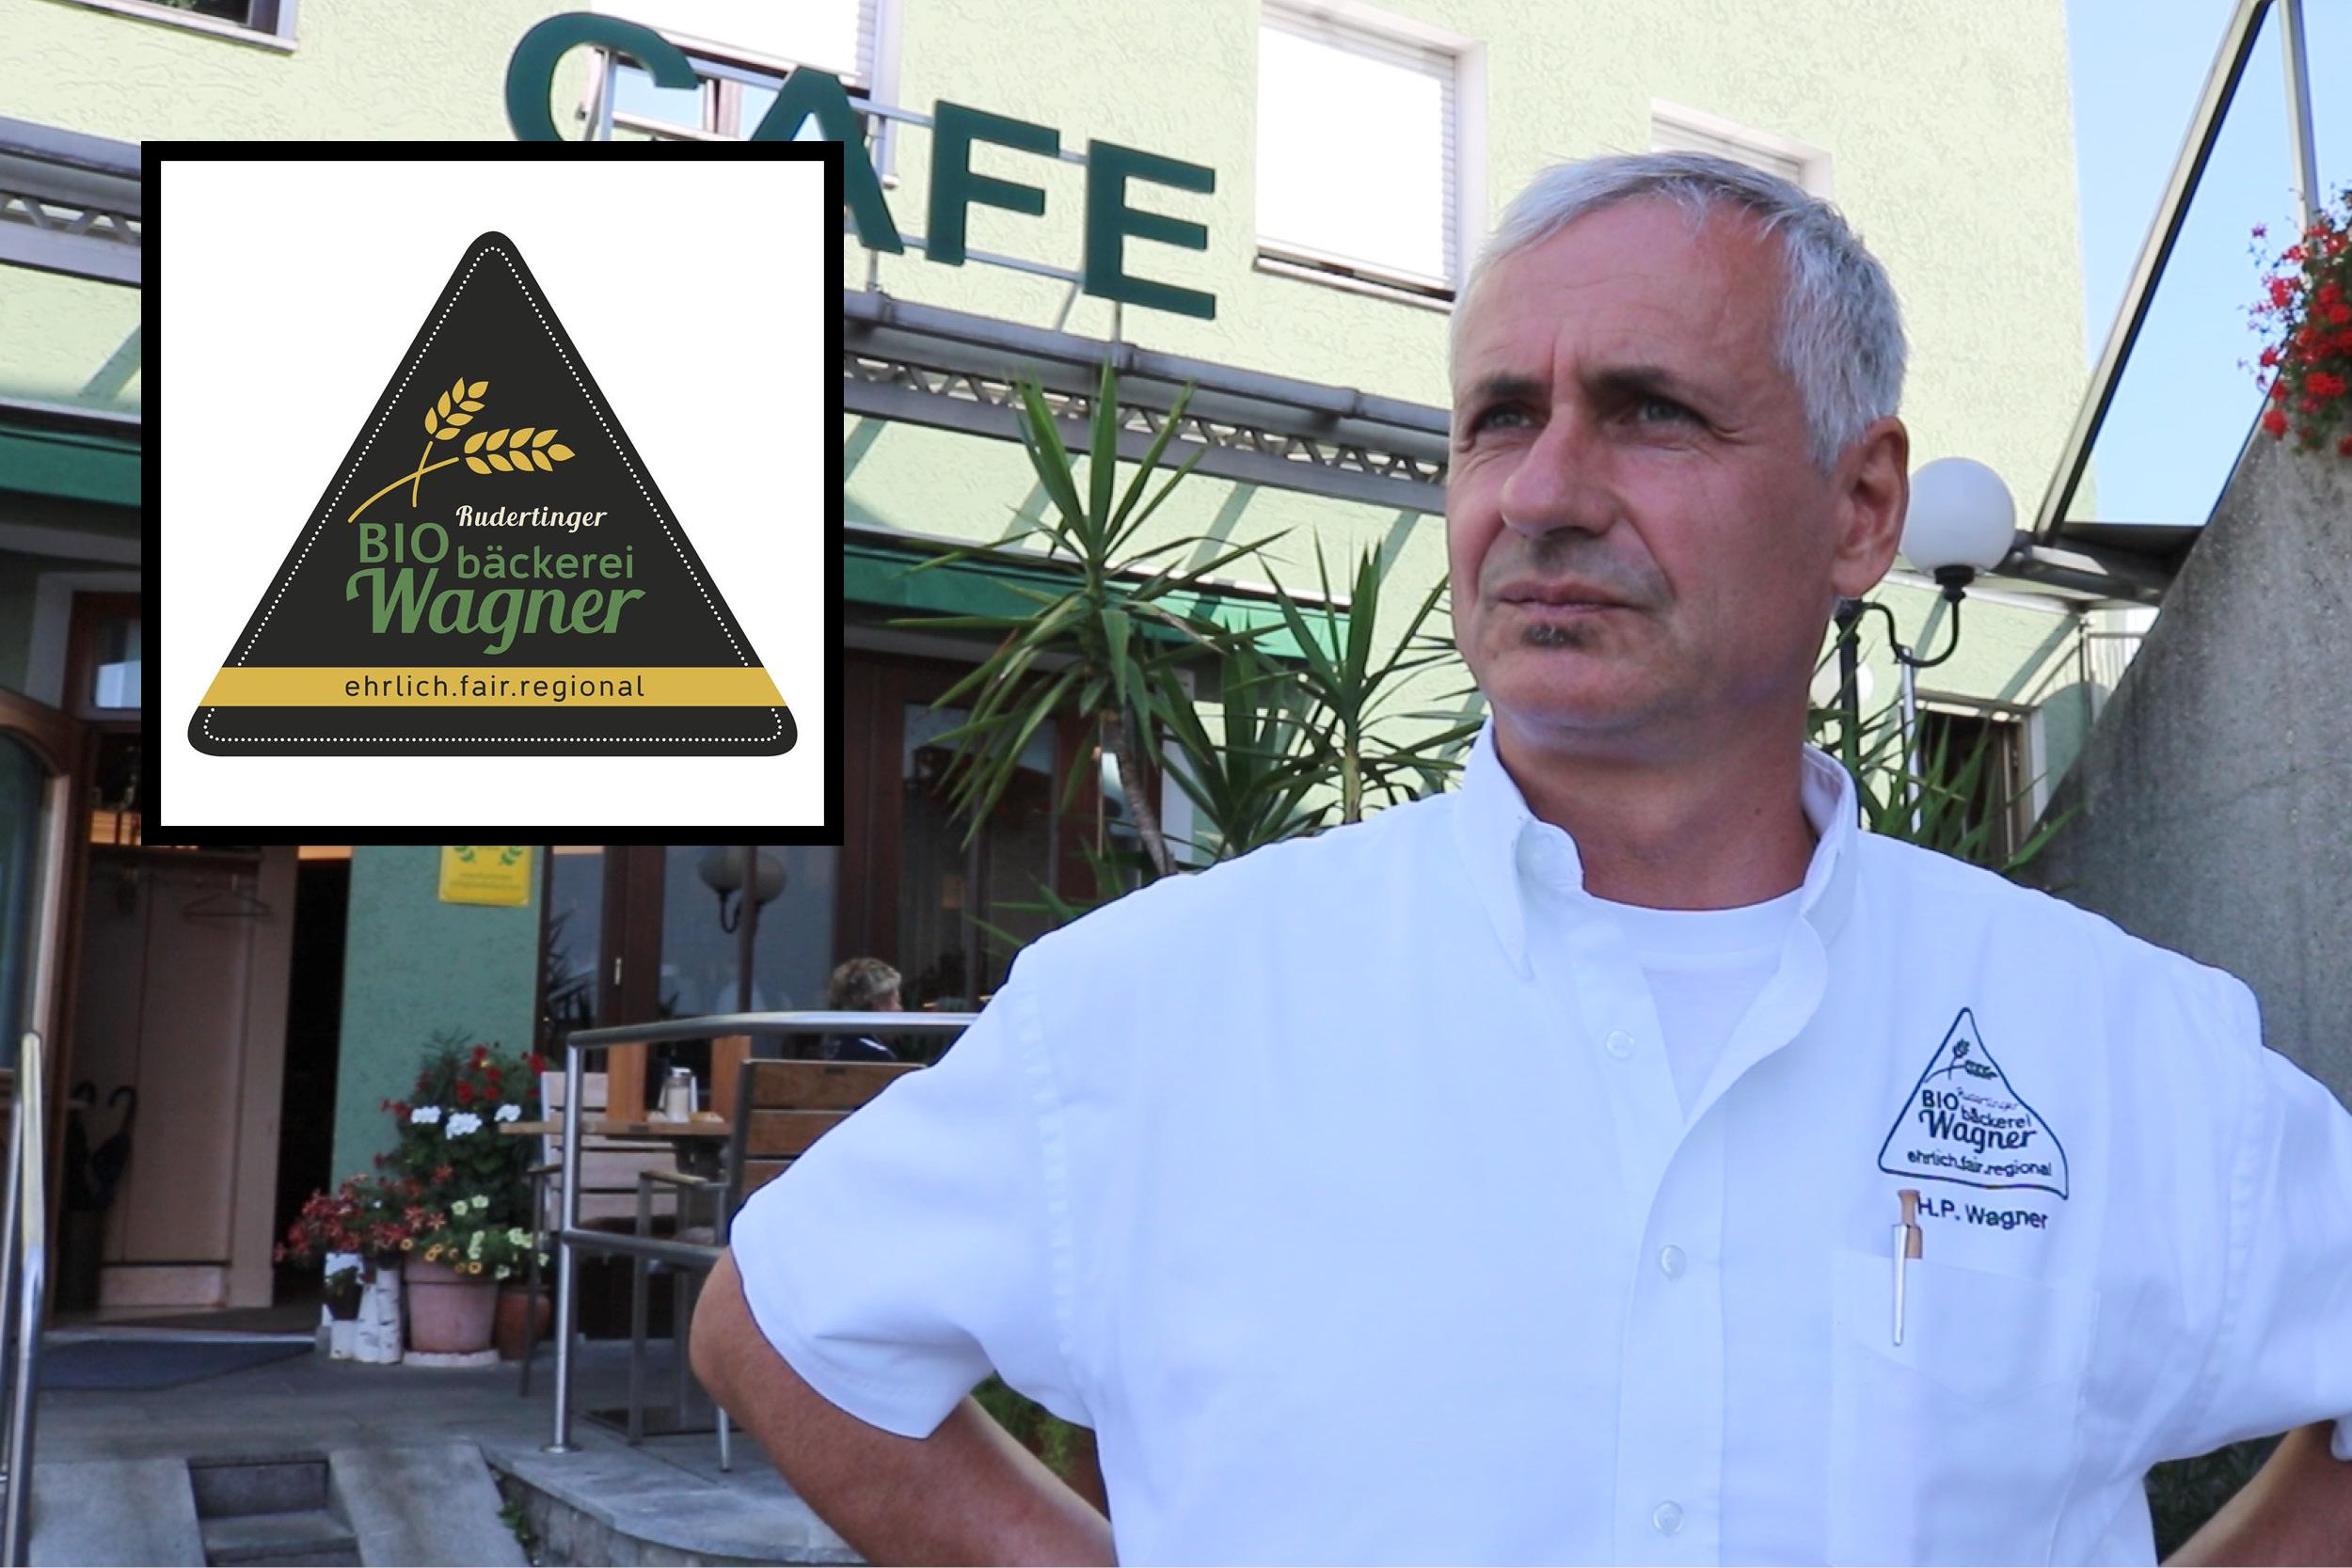 Rohstoffqualität als oberstes Gebot: Die Biobäckerei Wagner in Ruderting